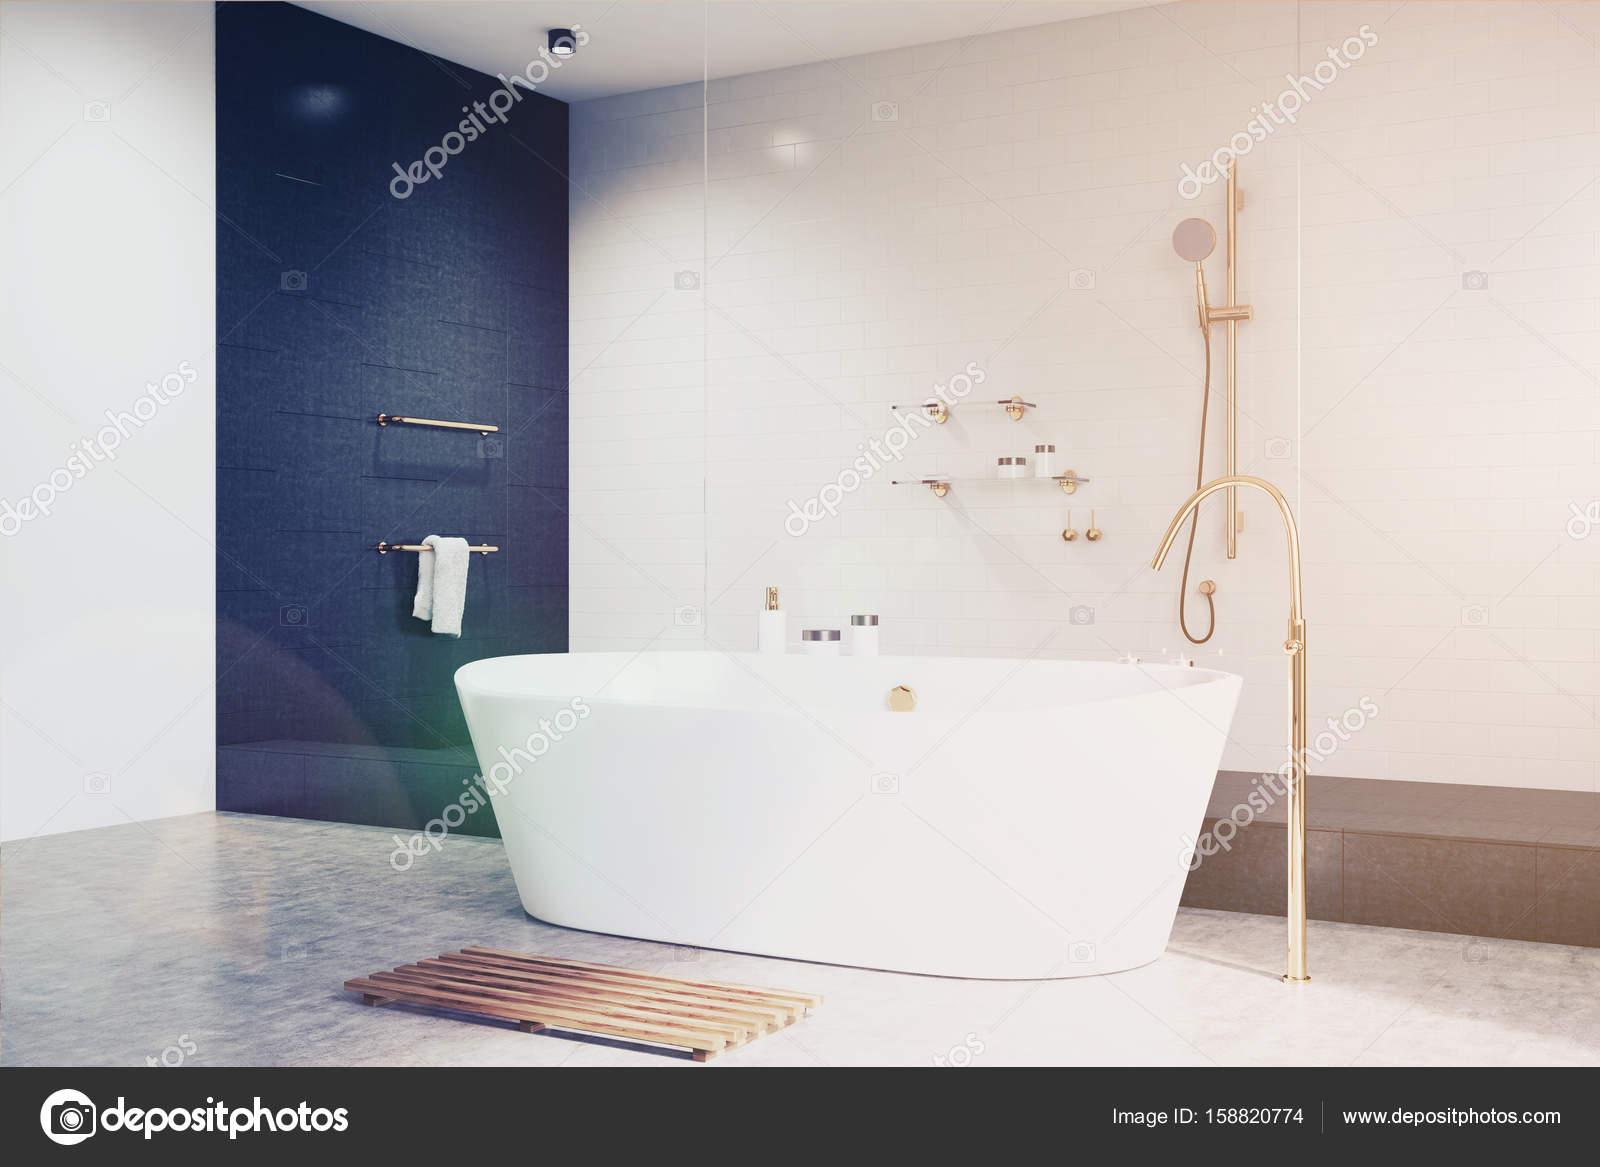 Piastrelle del bagno bianco con il nero lato tonico u foto stock